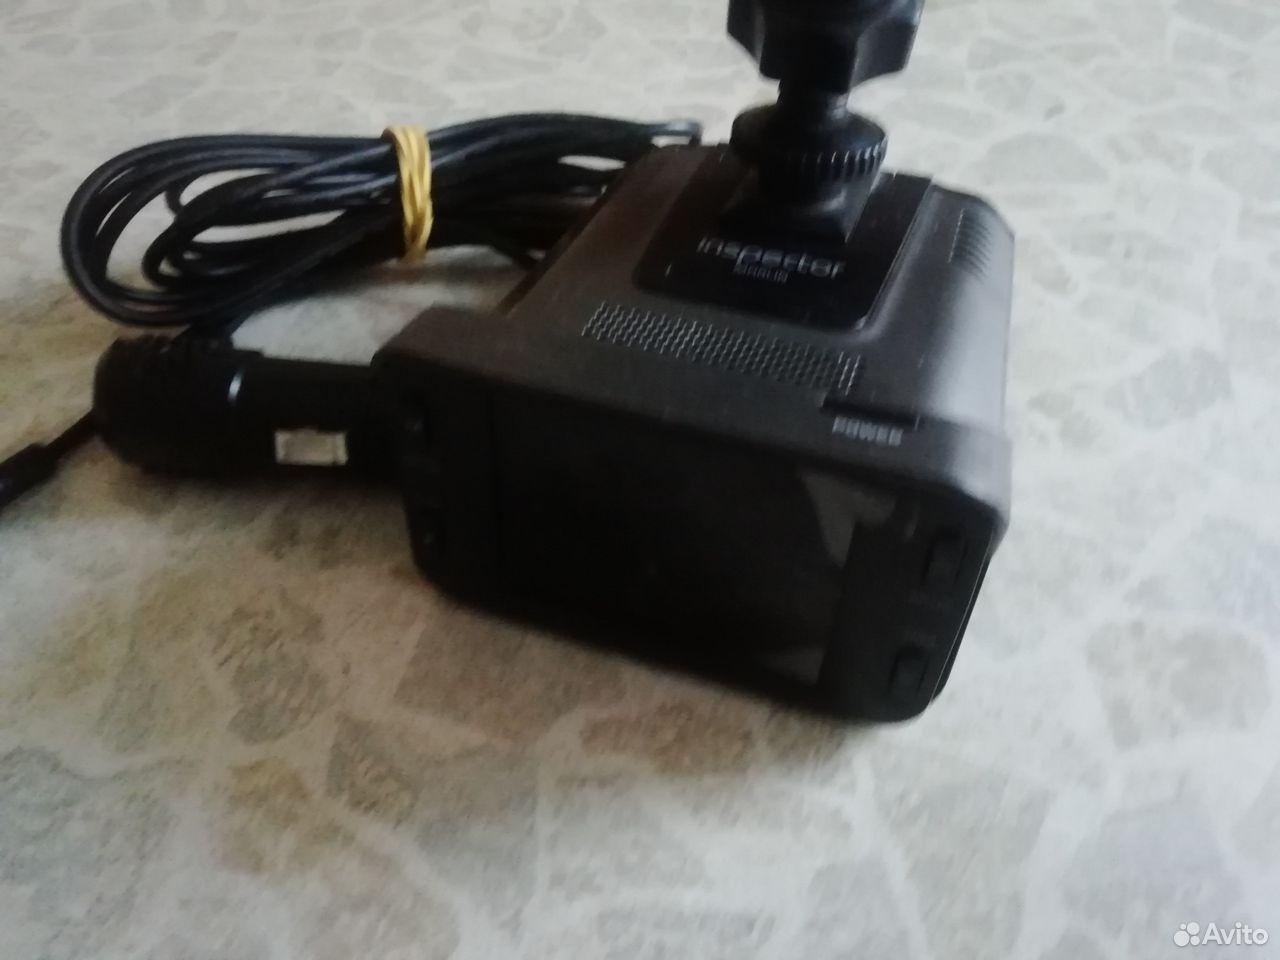 Автомобильный видеорегистратор Inspector Marlin  89231912777 купить 4